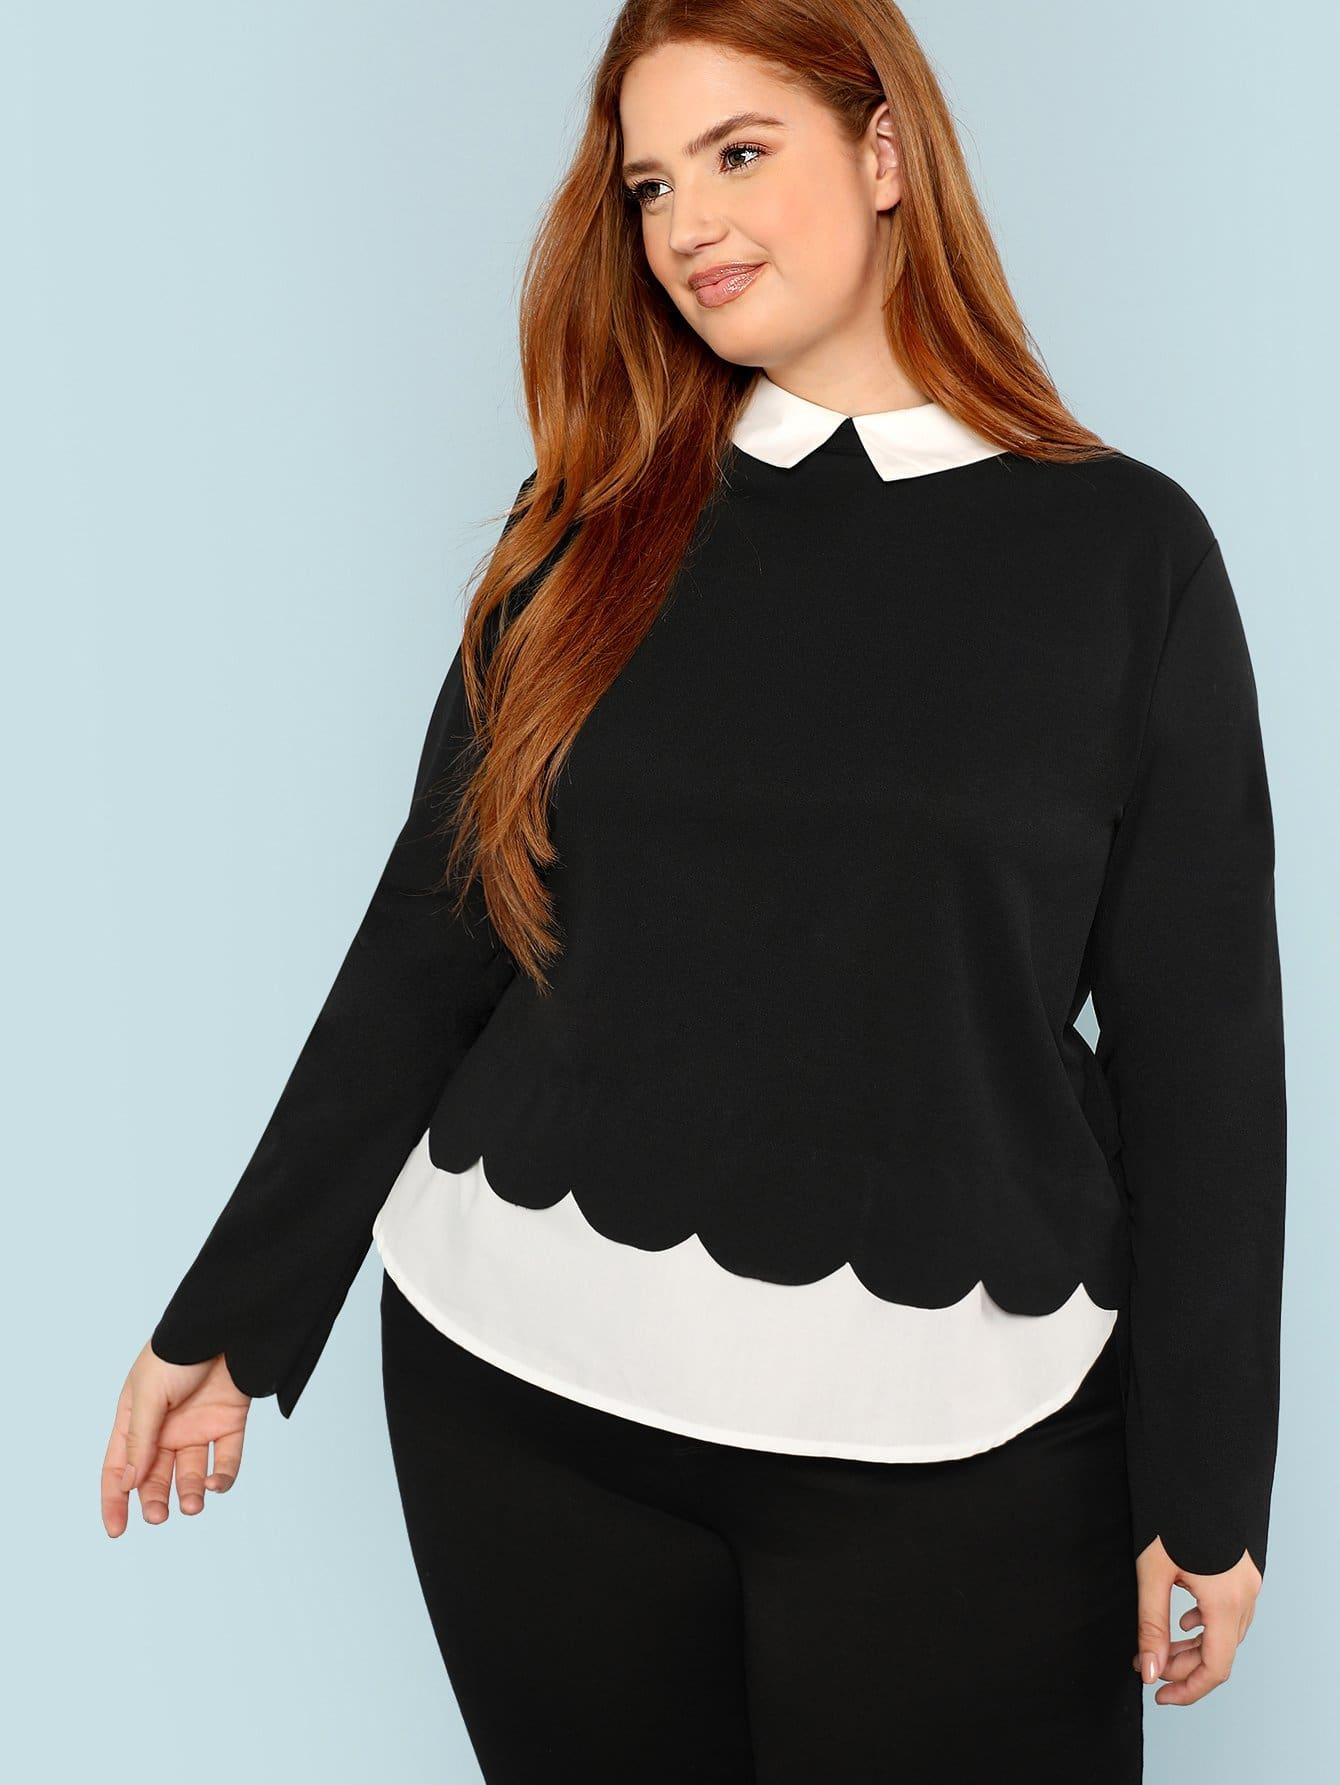 Купить Большая блузка с Симметрическим воротником и подол гребешка, Bree Kish, SheIn